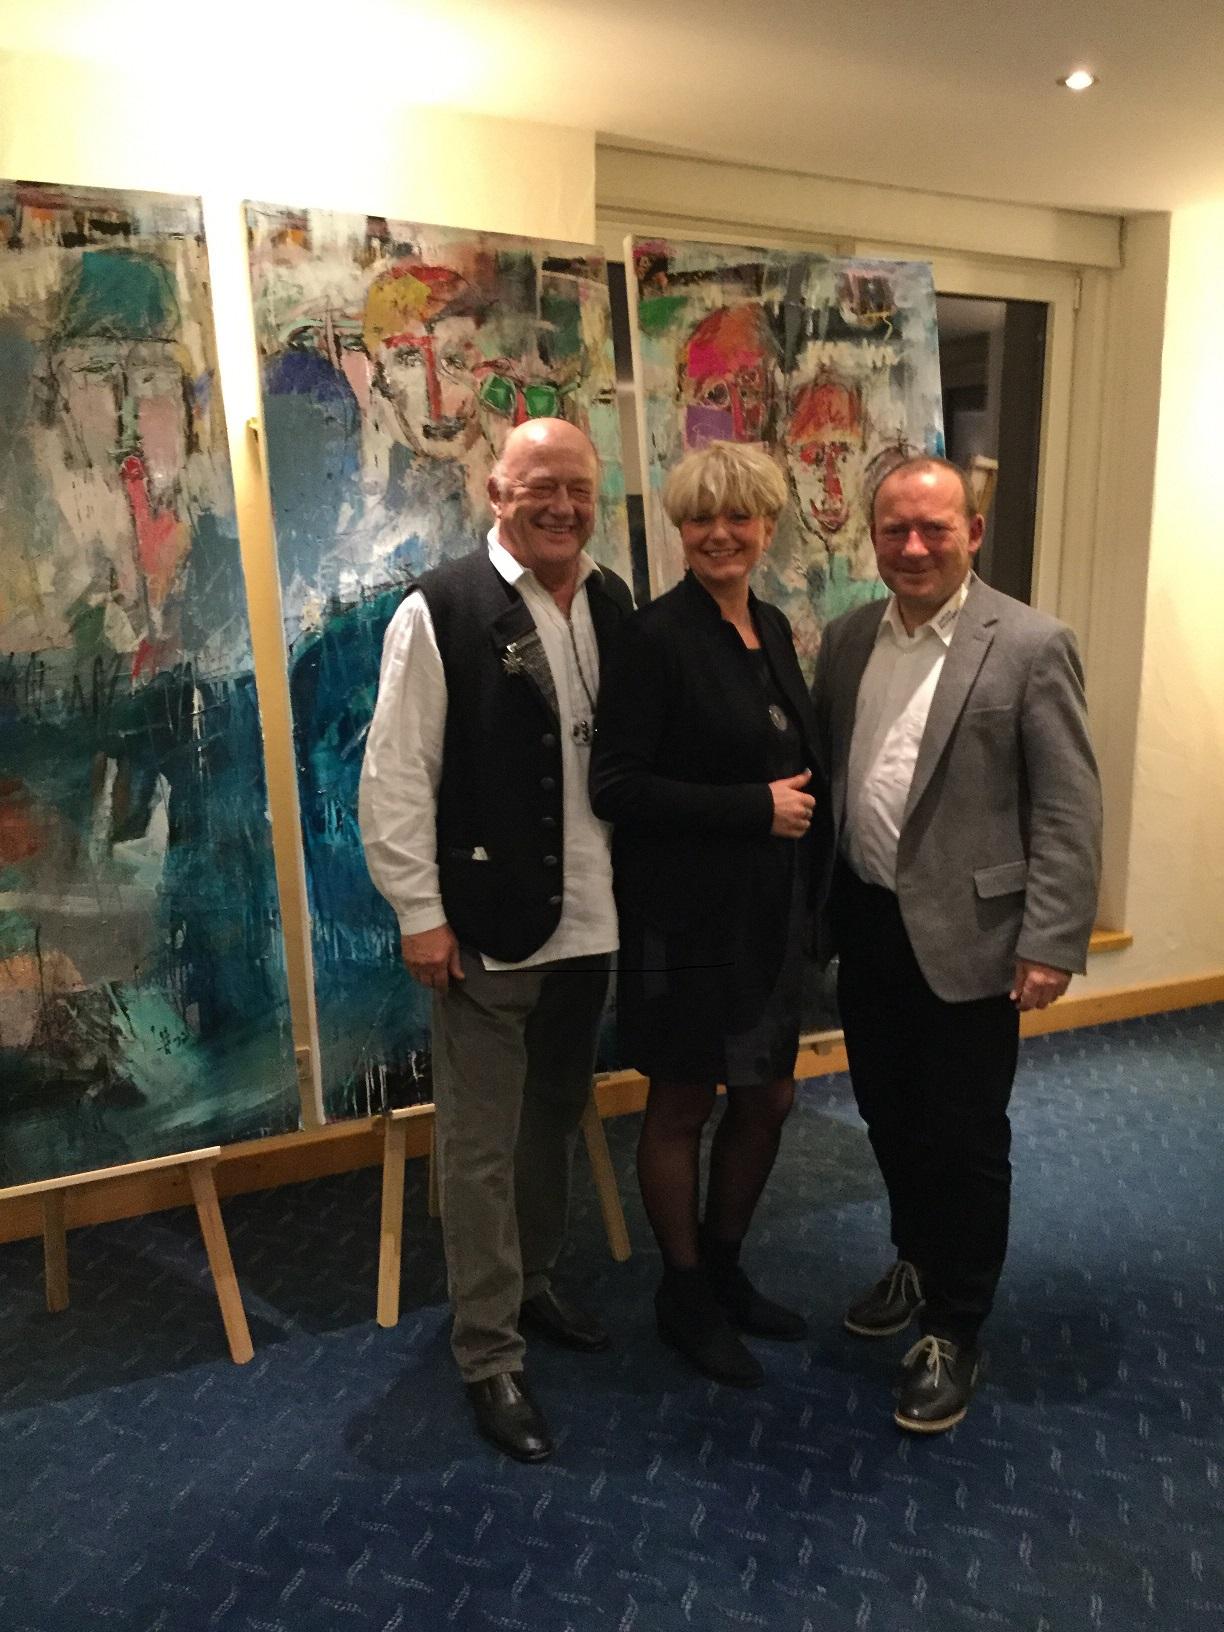 Clubpräsident Udo Rogotzki (links) mit der Künstlerin Petra Nowak und Bernd Ruof. Der Manager des Golfclubs hielt eine Laudatio auf Petra Nowak und glänzte dabei mit fundierten Kenntnissen in den verschiedenen Maltechniken.